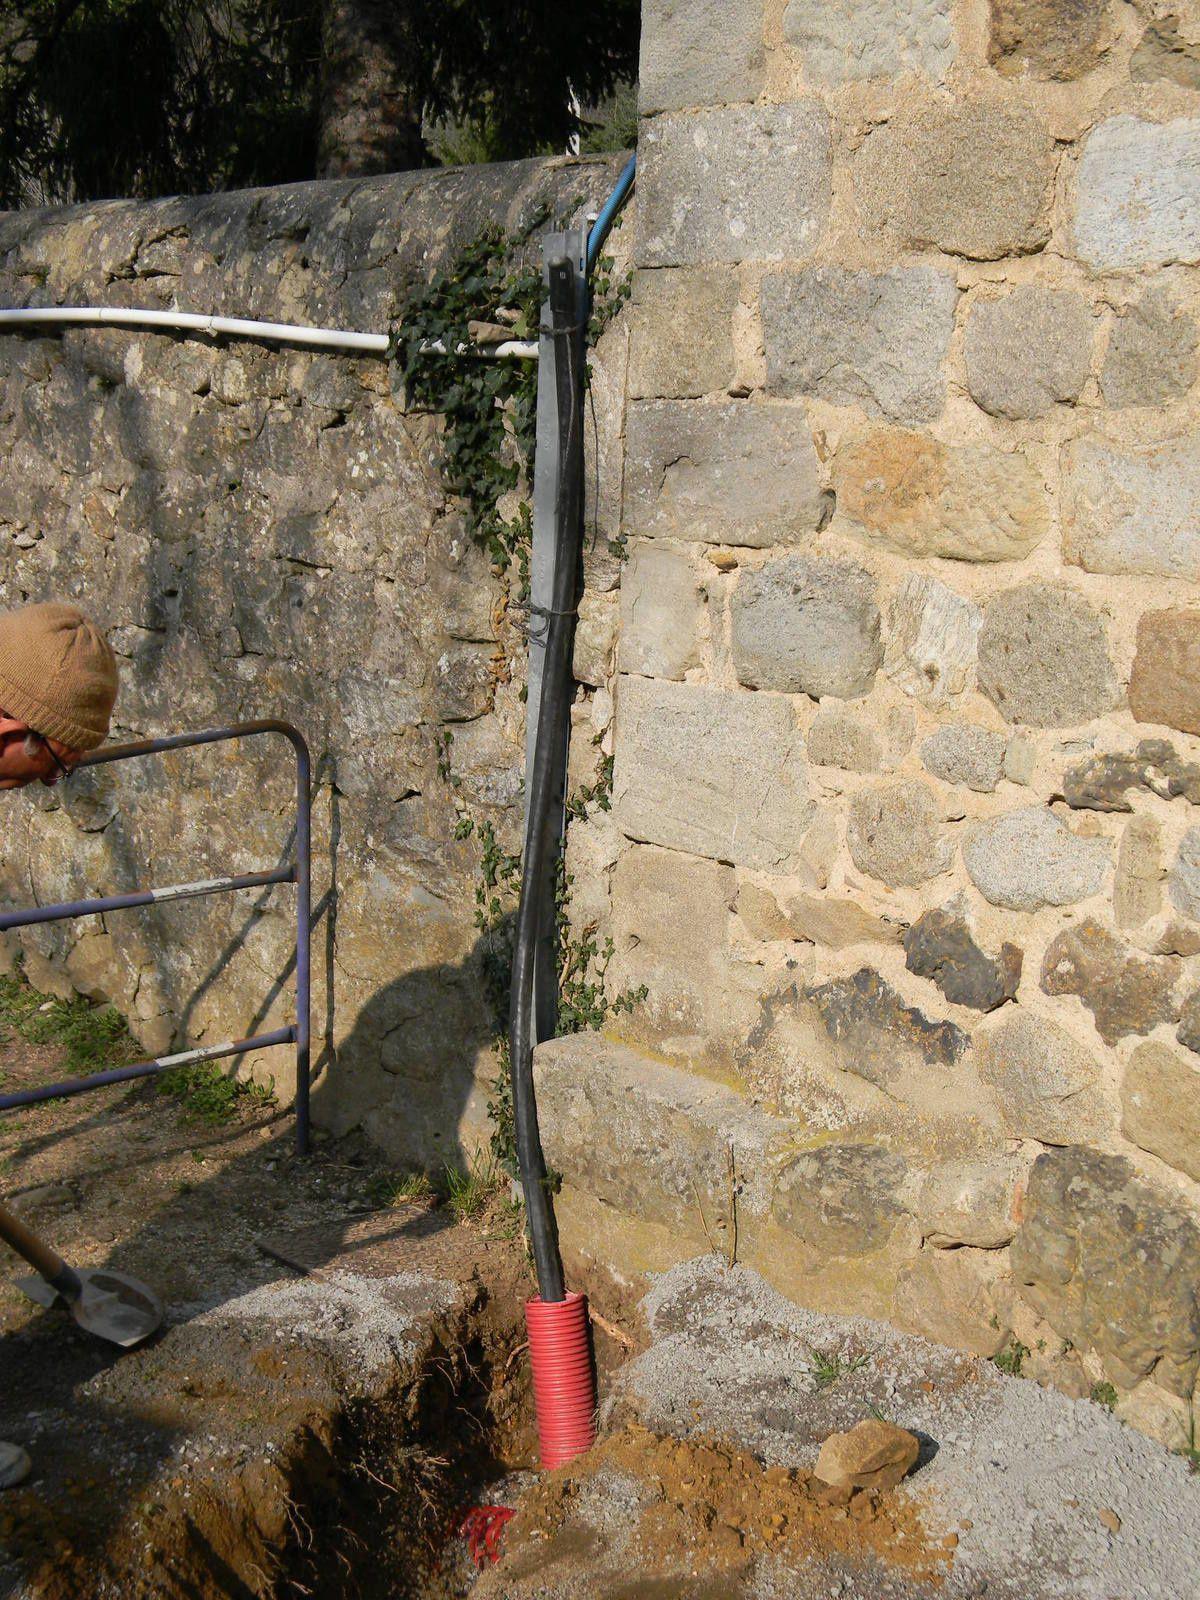 SPIE,est intervenu, pour le compte d'ERDF,  dans la cour des maternelles pour la pose du câble blindé d'alimentation du château